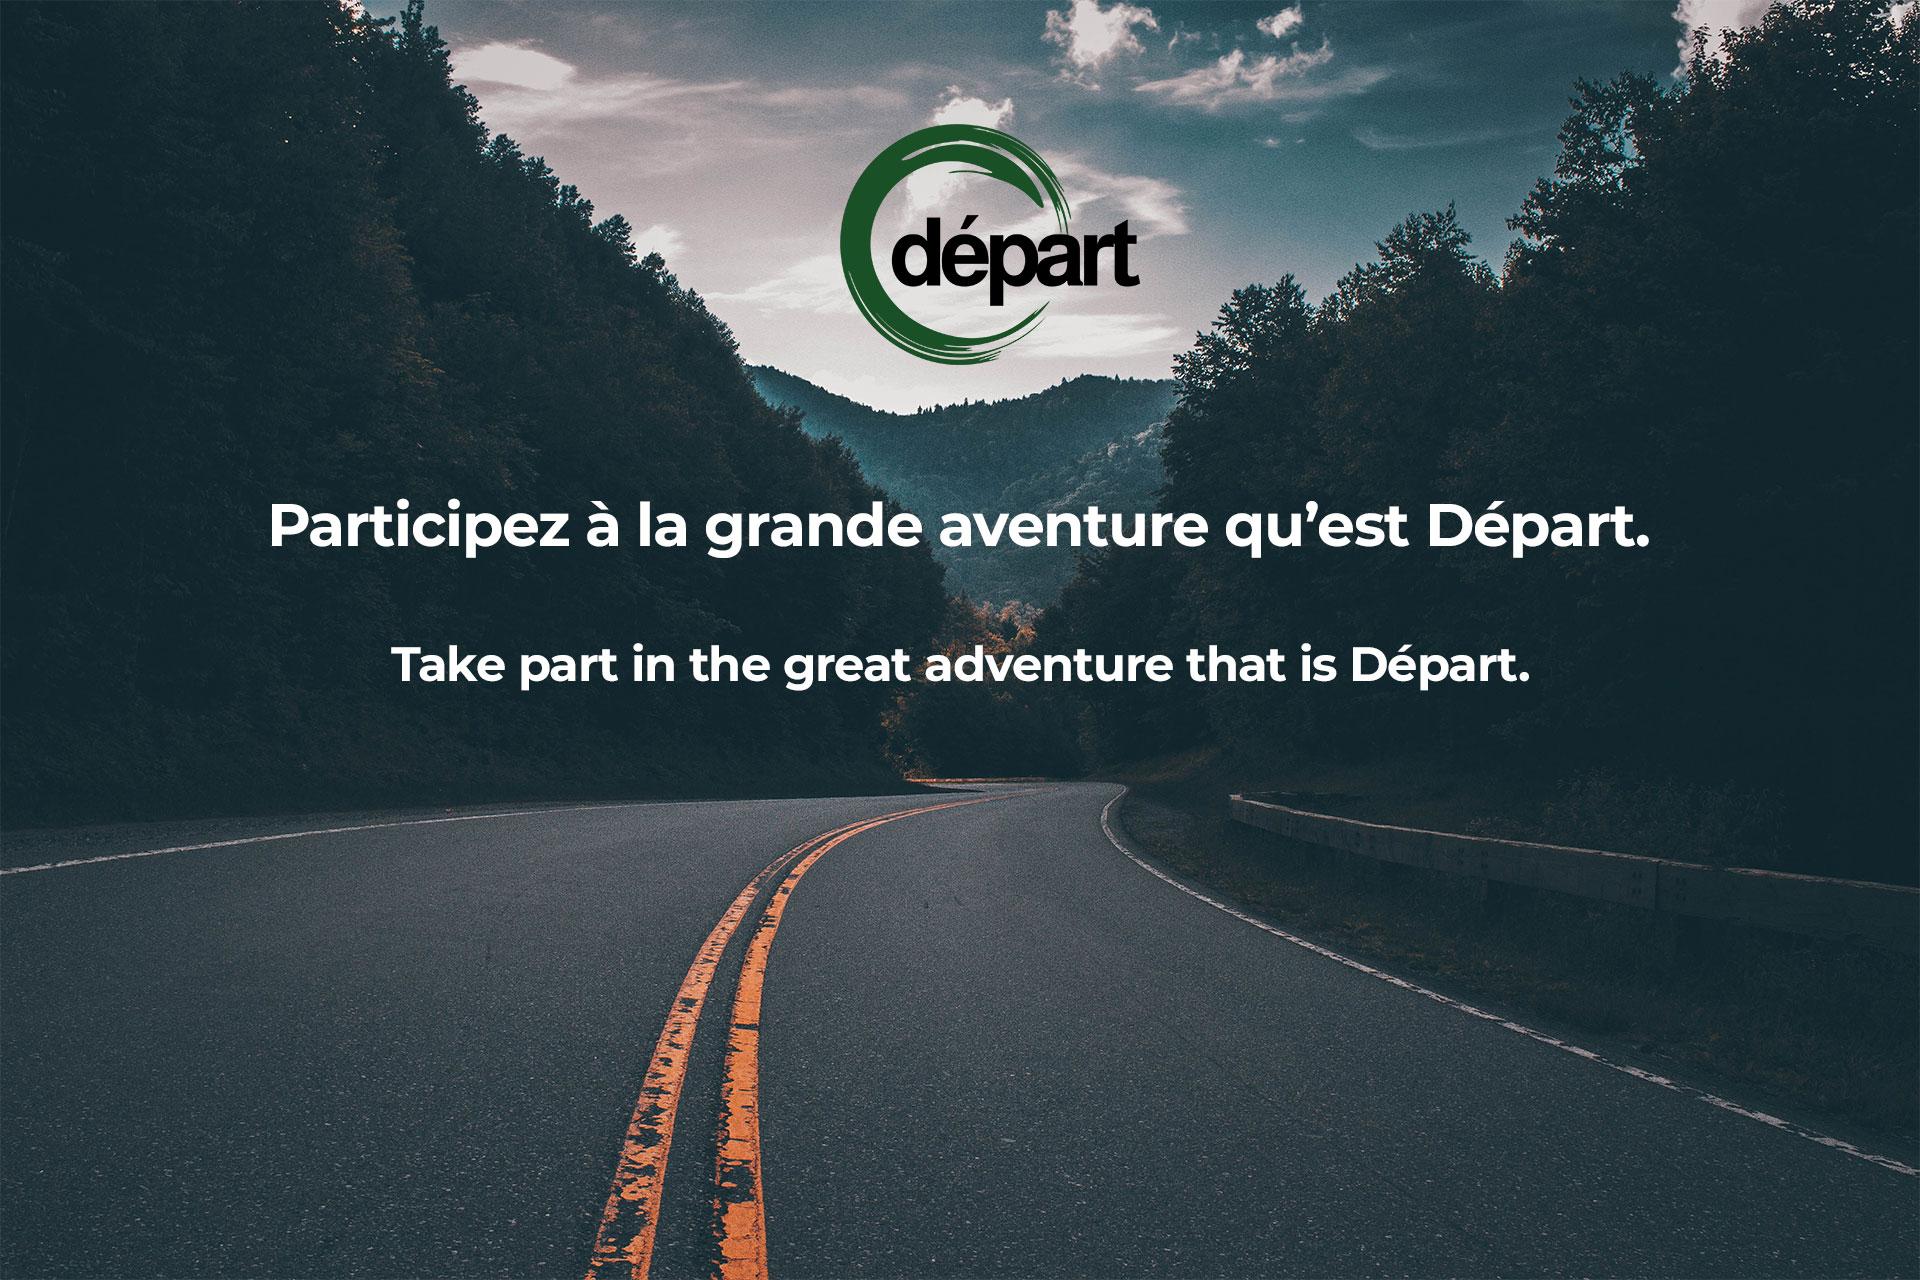 Départ Transport